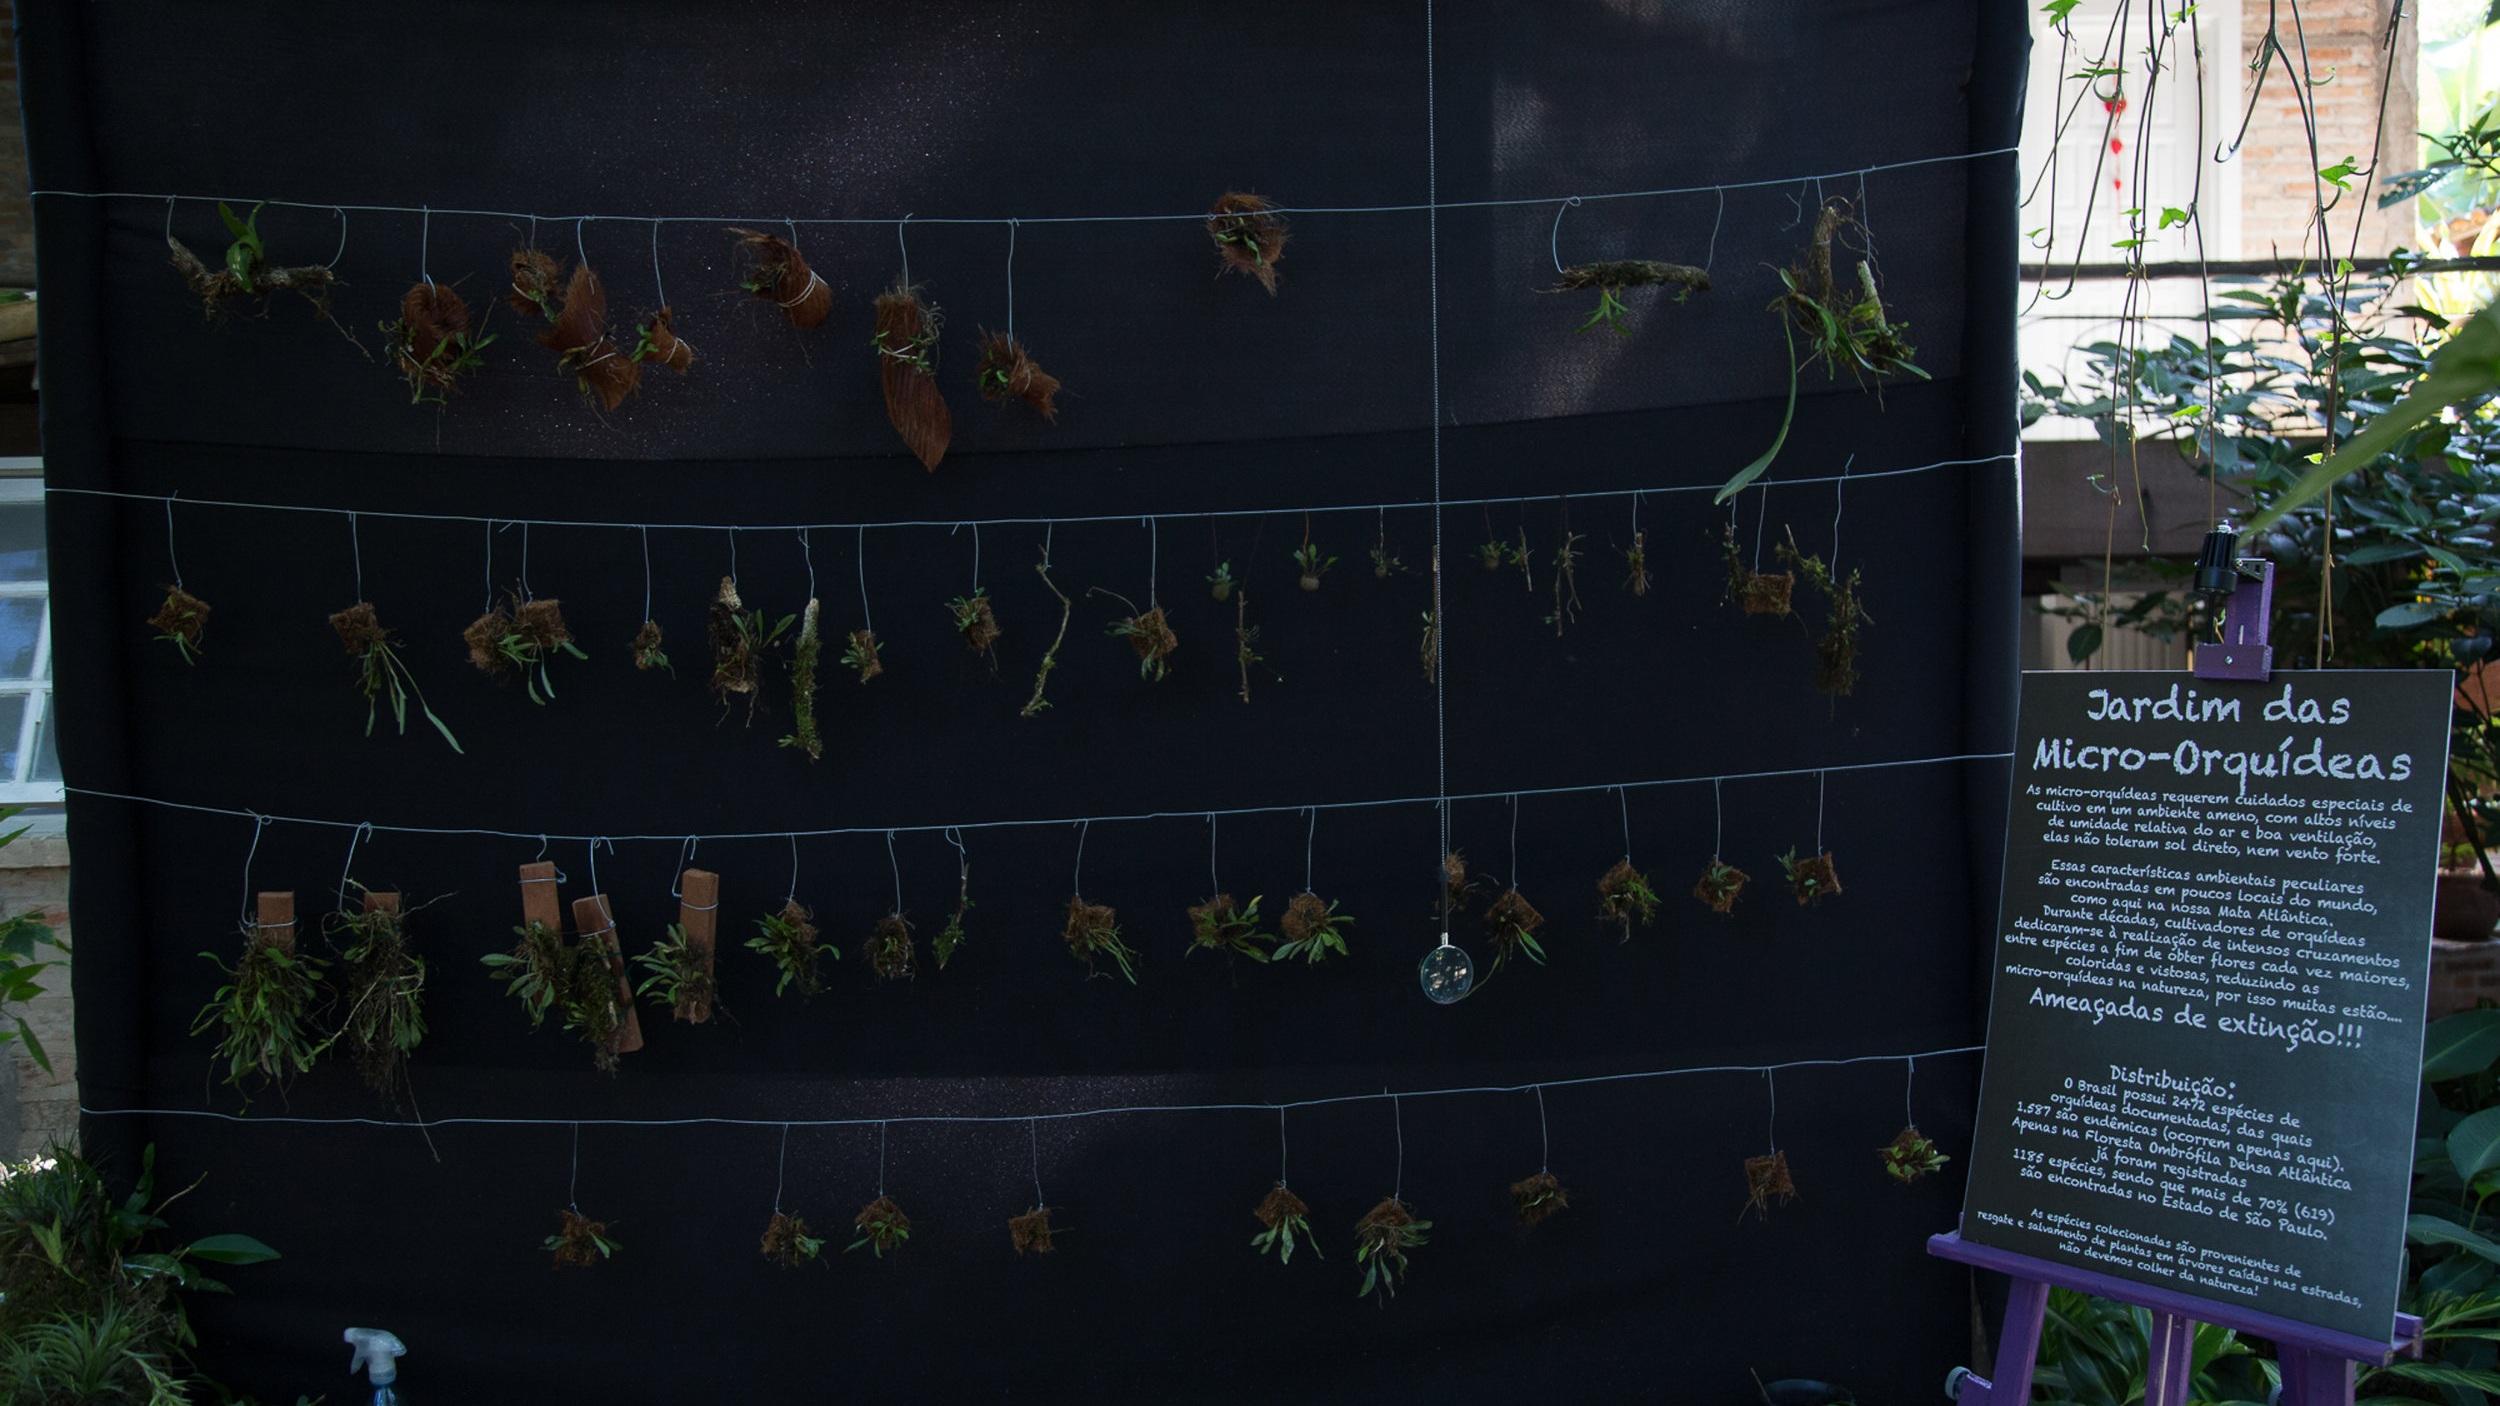 Jardim de Micro-Orquídeas